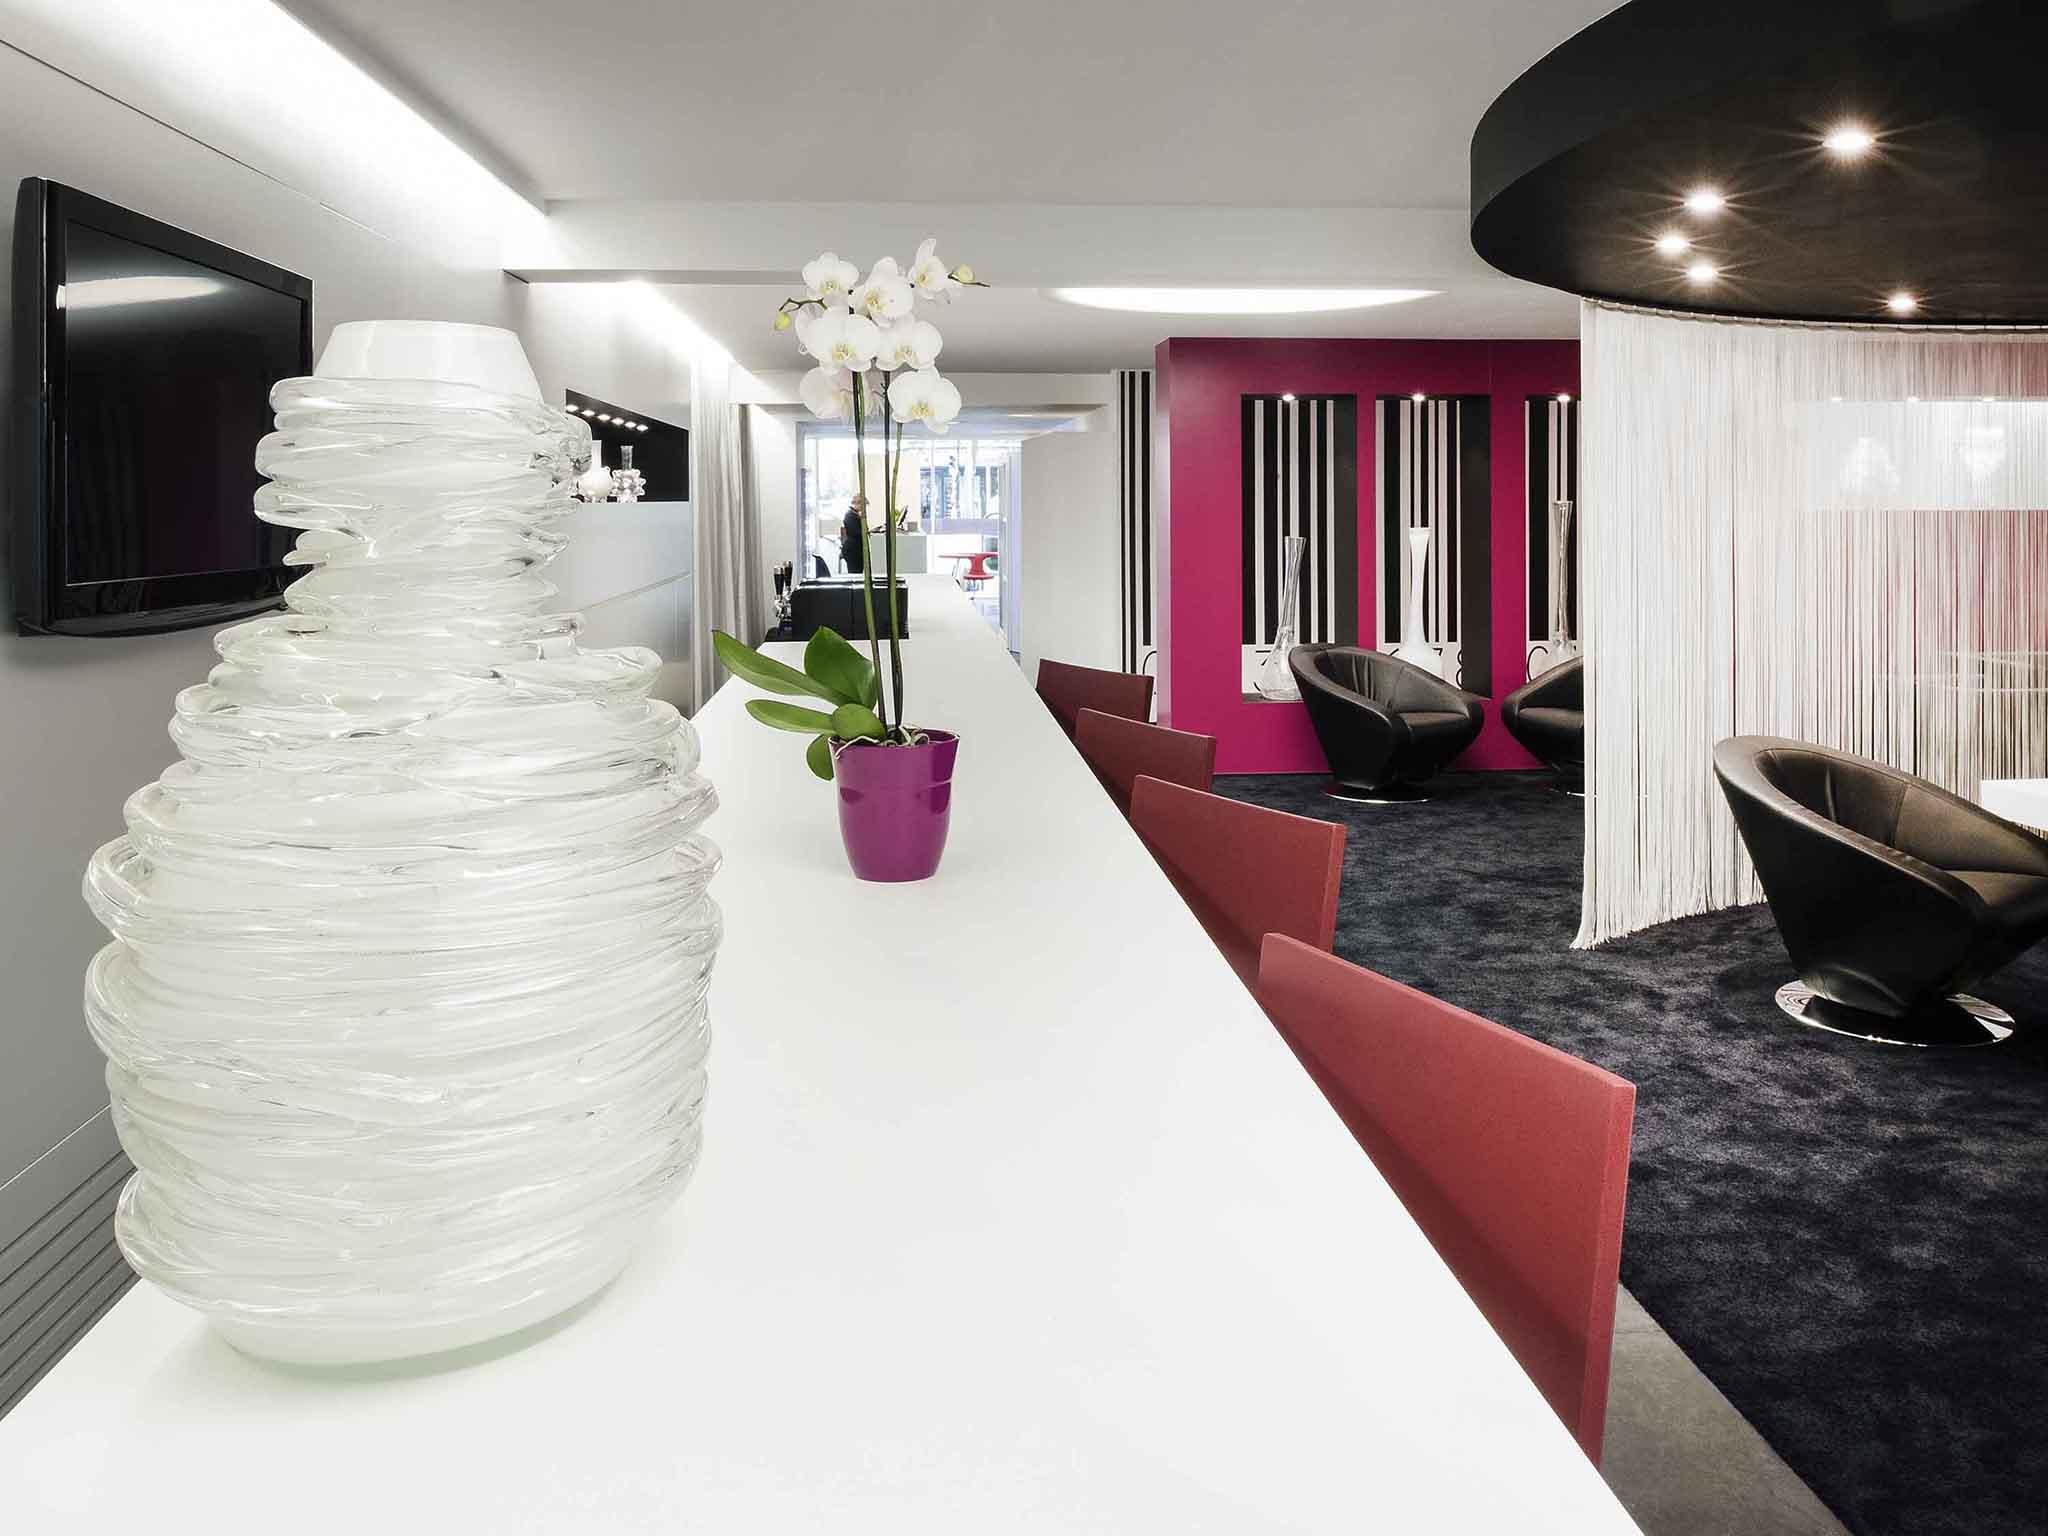 فندق - إيبيس ستايلز ibis Styles براسلز لويز